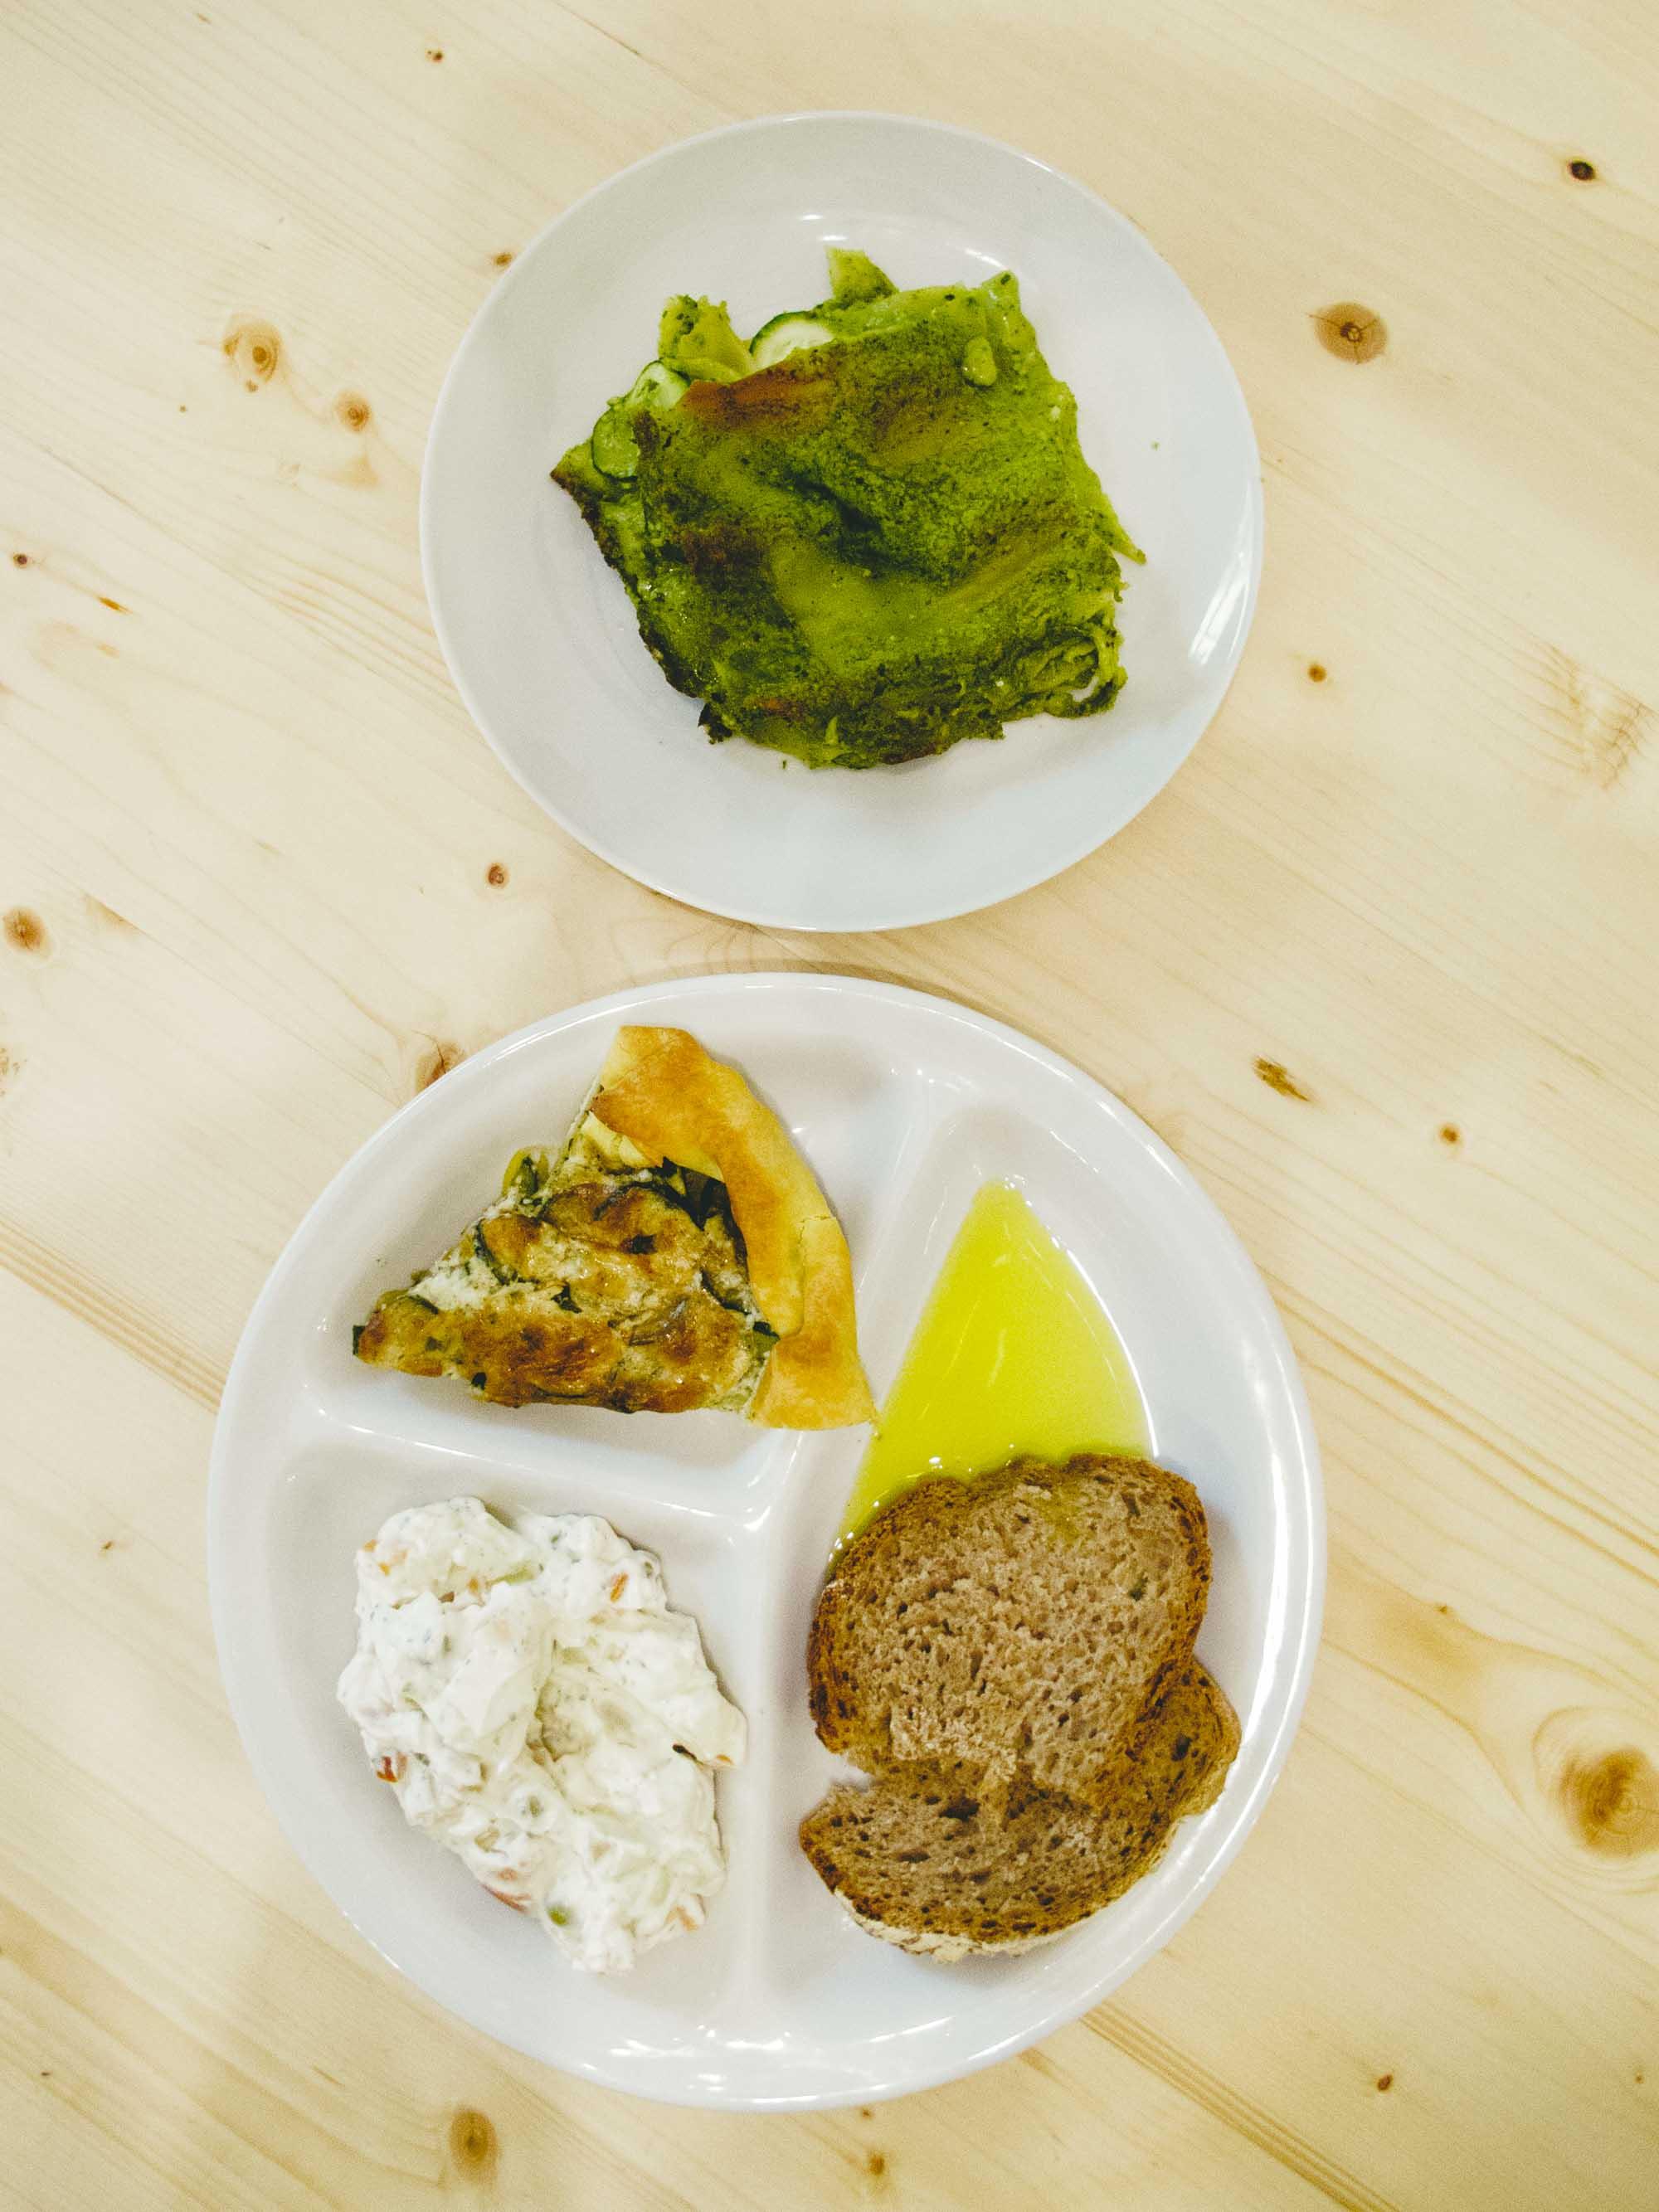 Verdi D'Indivia Vegan Meal Set